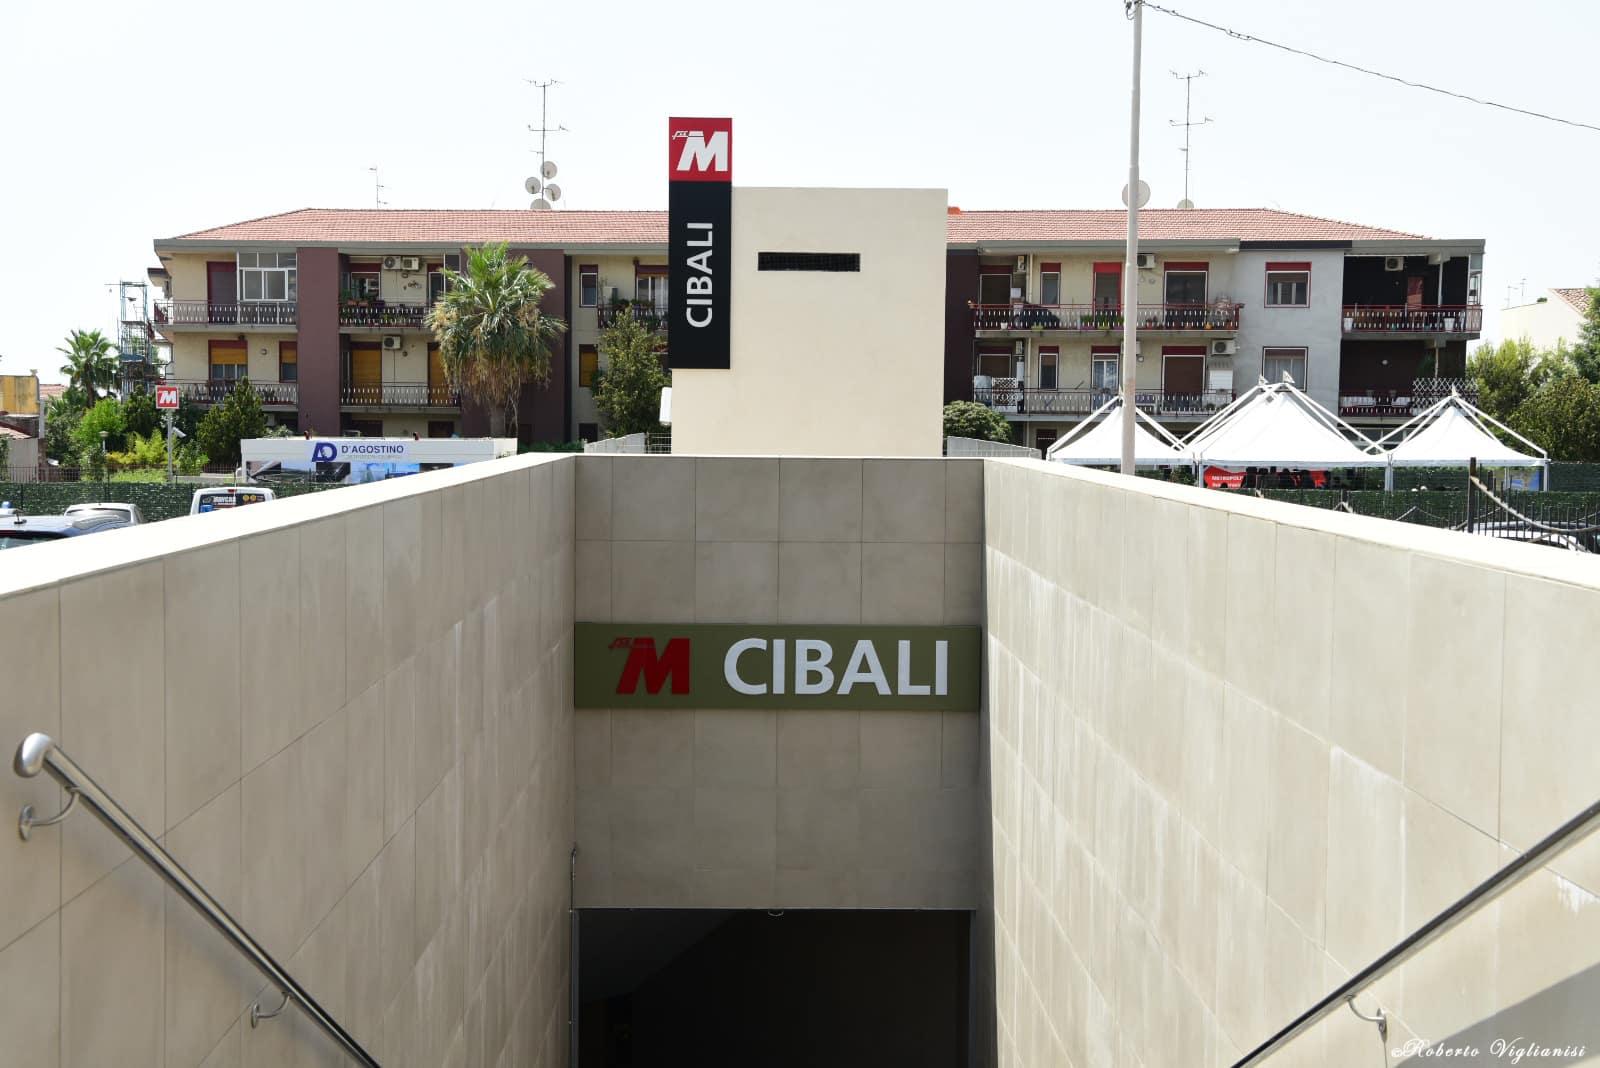 Catania, la stazione della Metropolitana di Cibali è aperta: stamattina l'inaugurazione ufficiale